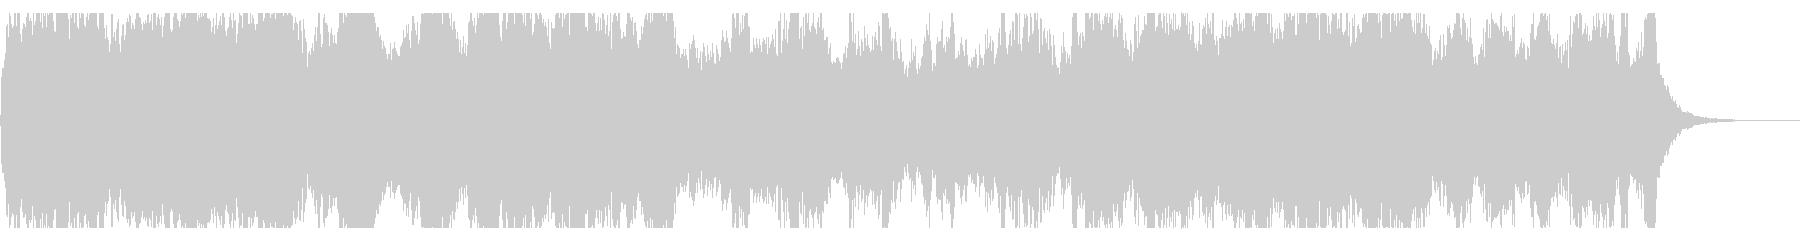 勇壮なファンタジックなオーケストラBGMの未再生の波形